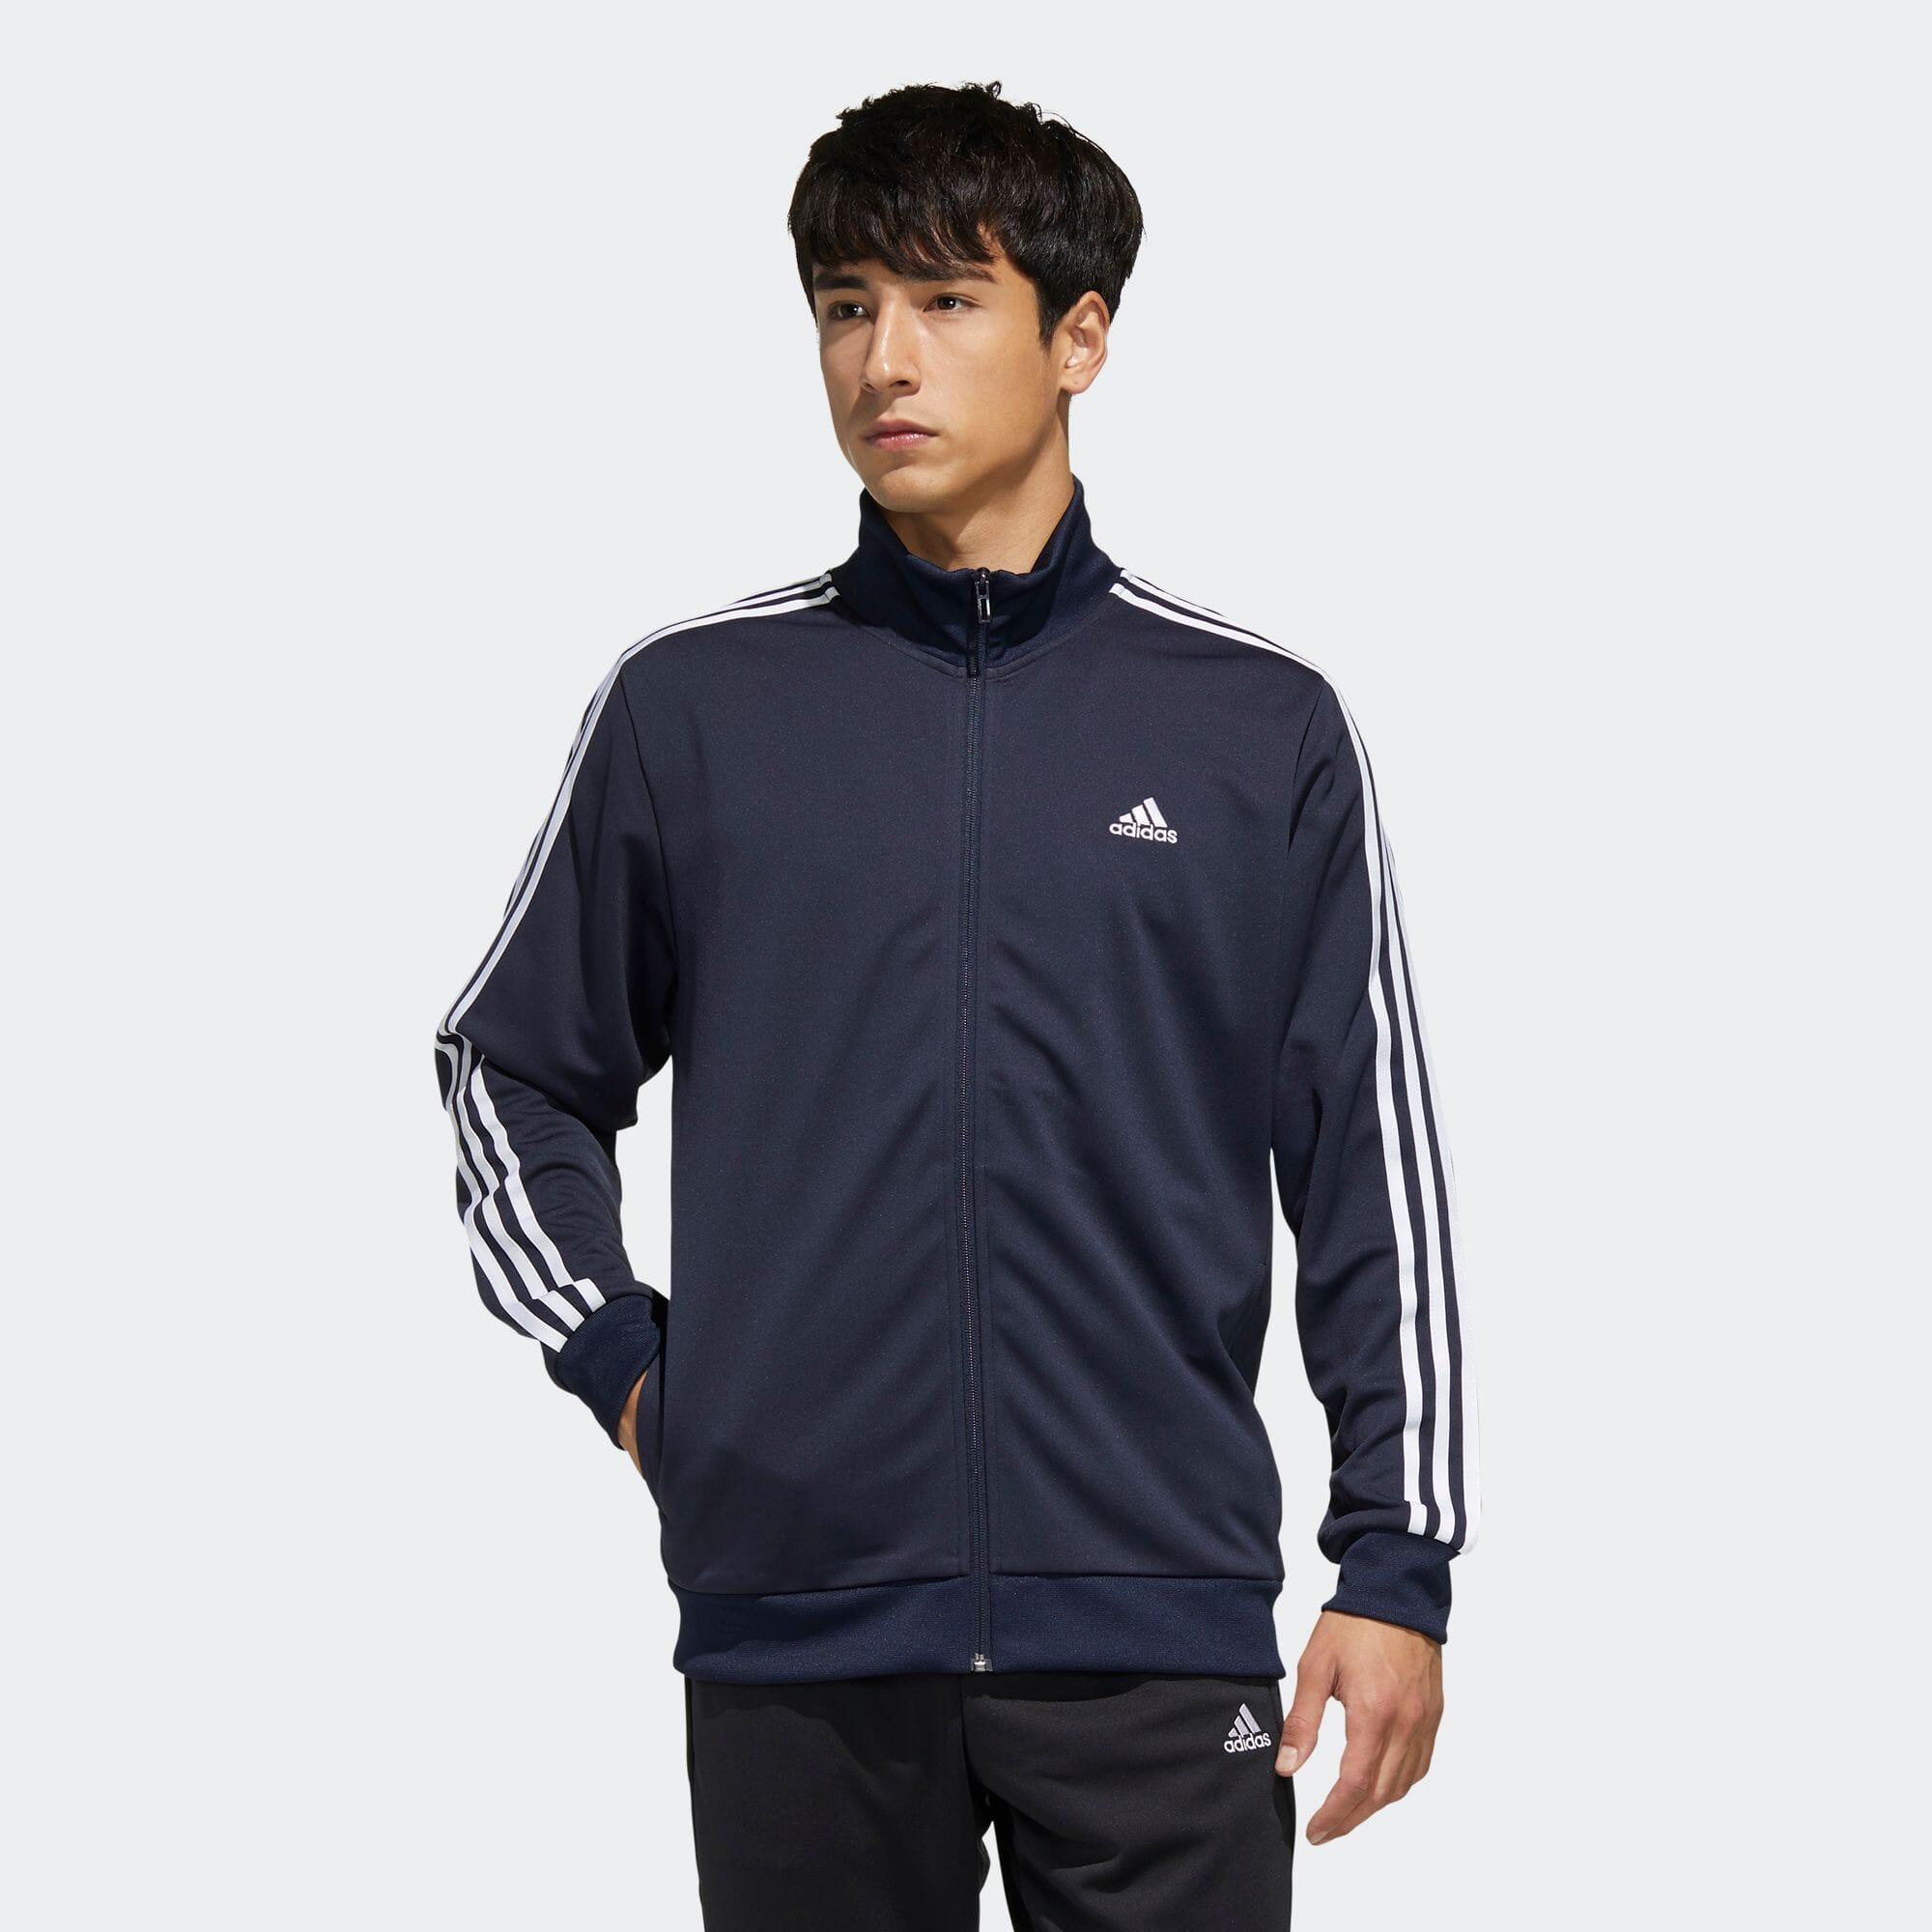 マストハブ 3ストライプス ジャケット / Must Haves 3-Stripes Jacket